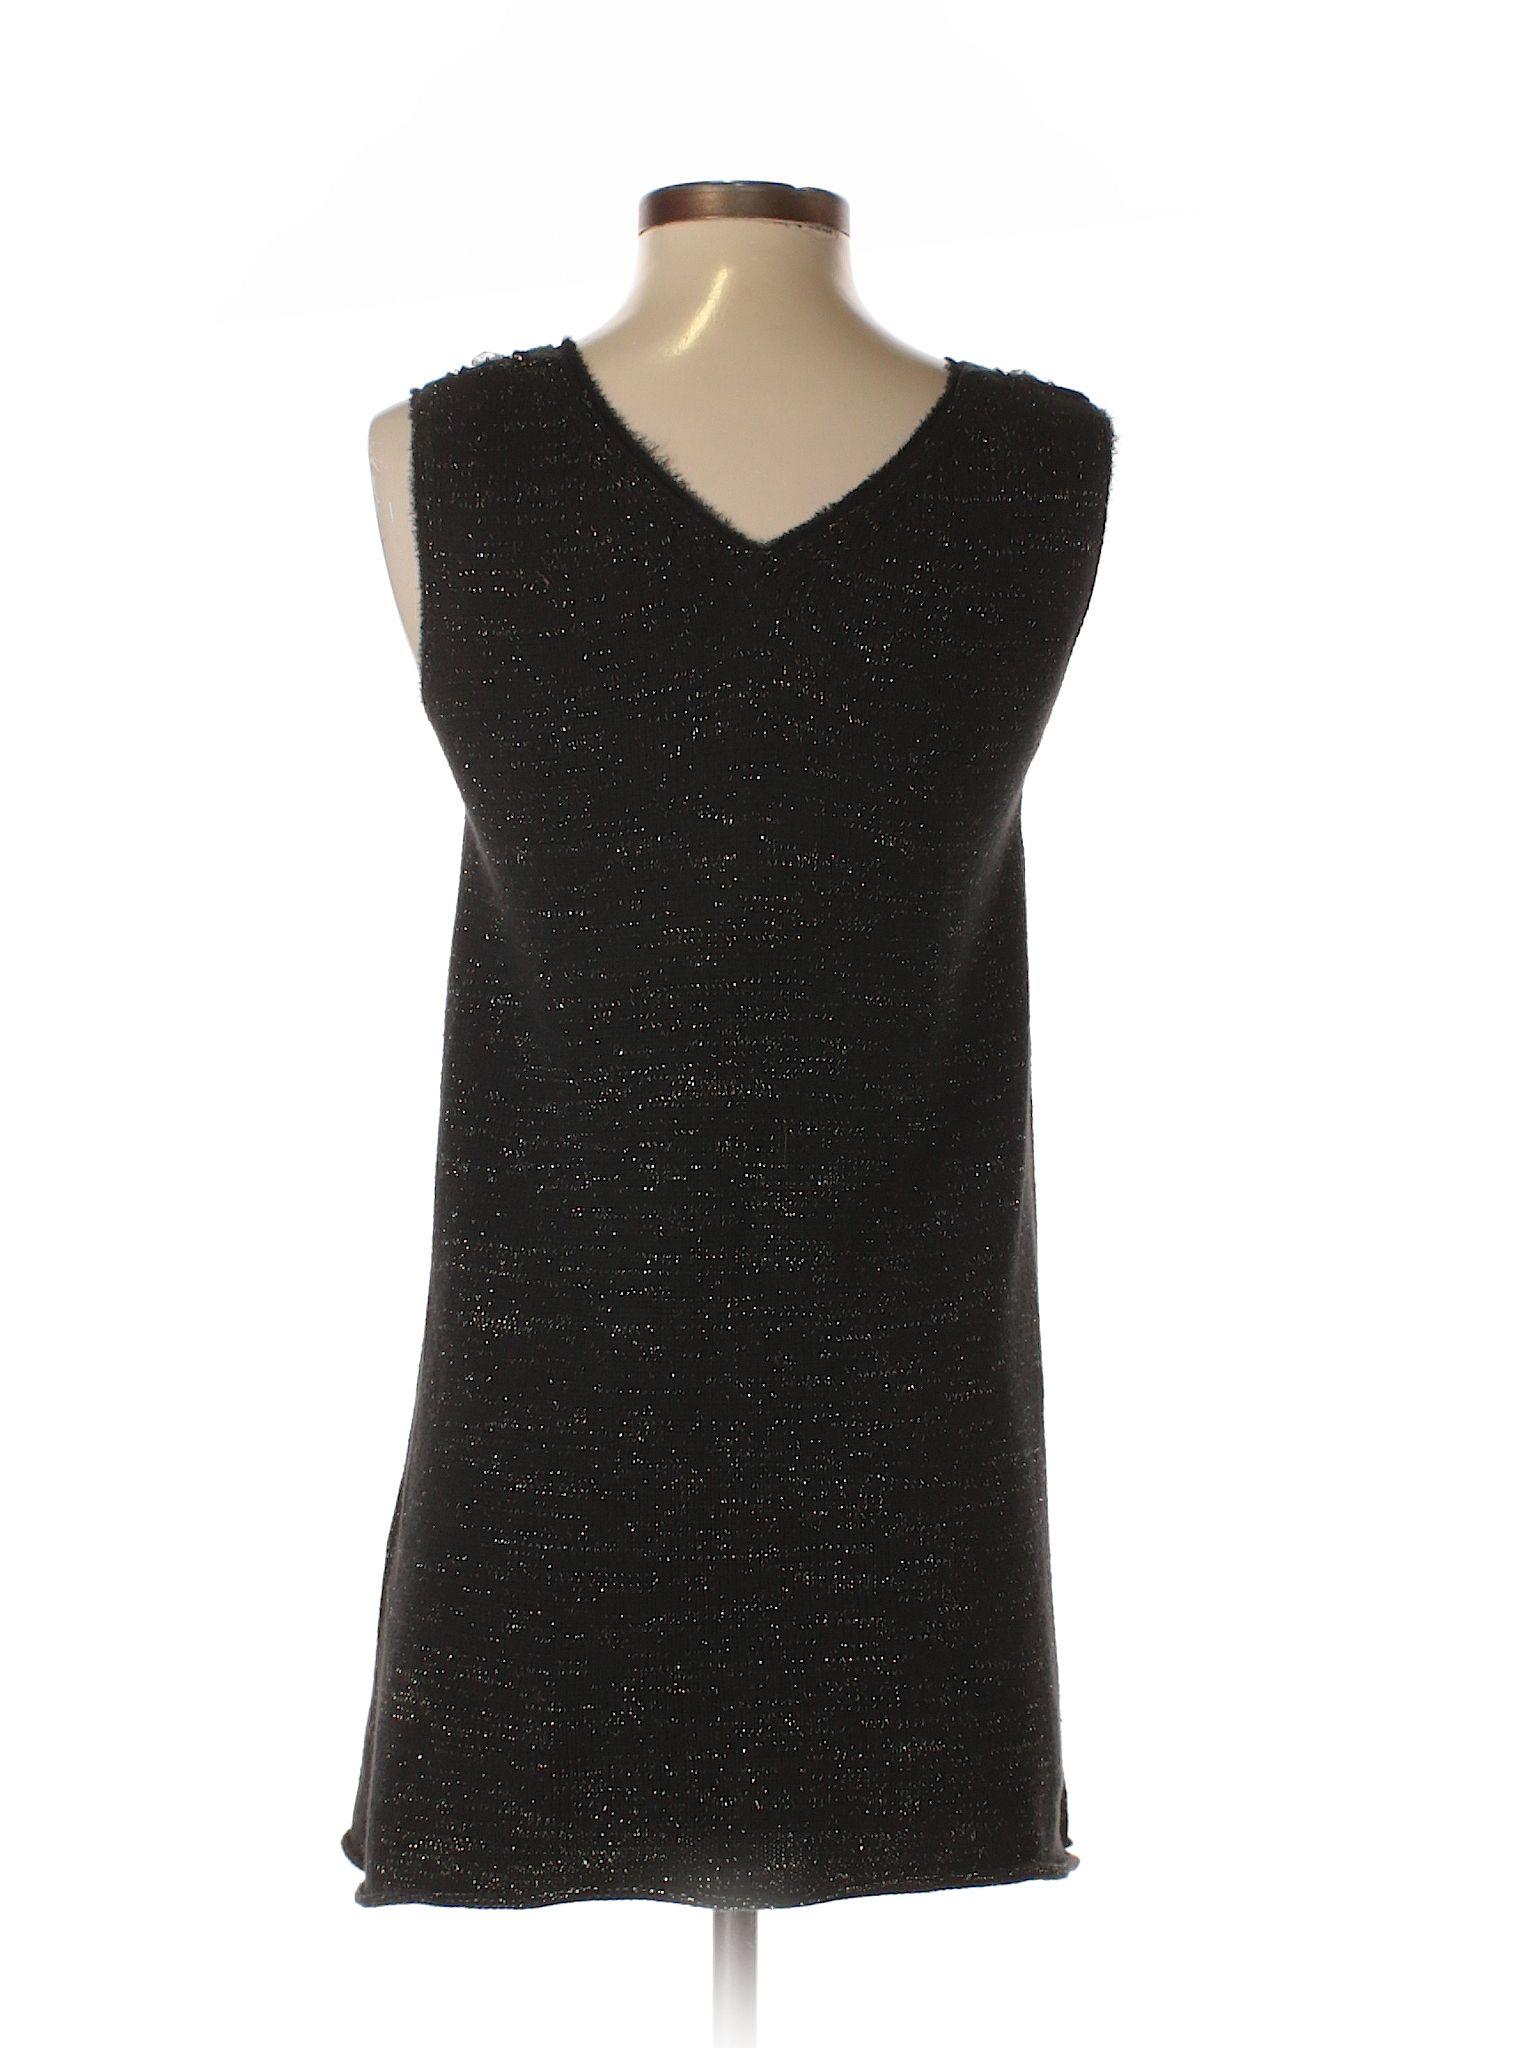 3b96d7b47 Vivienne Vivienne Tam Casual Dress: Black Women's Dresses - 32377490